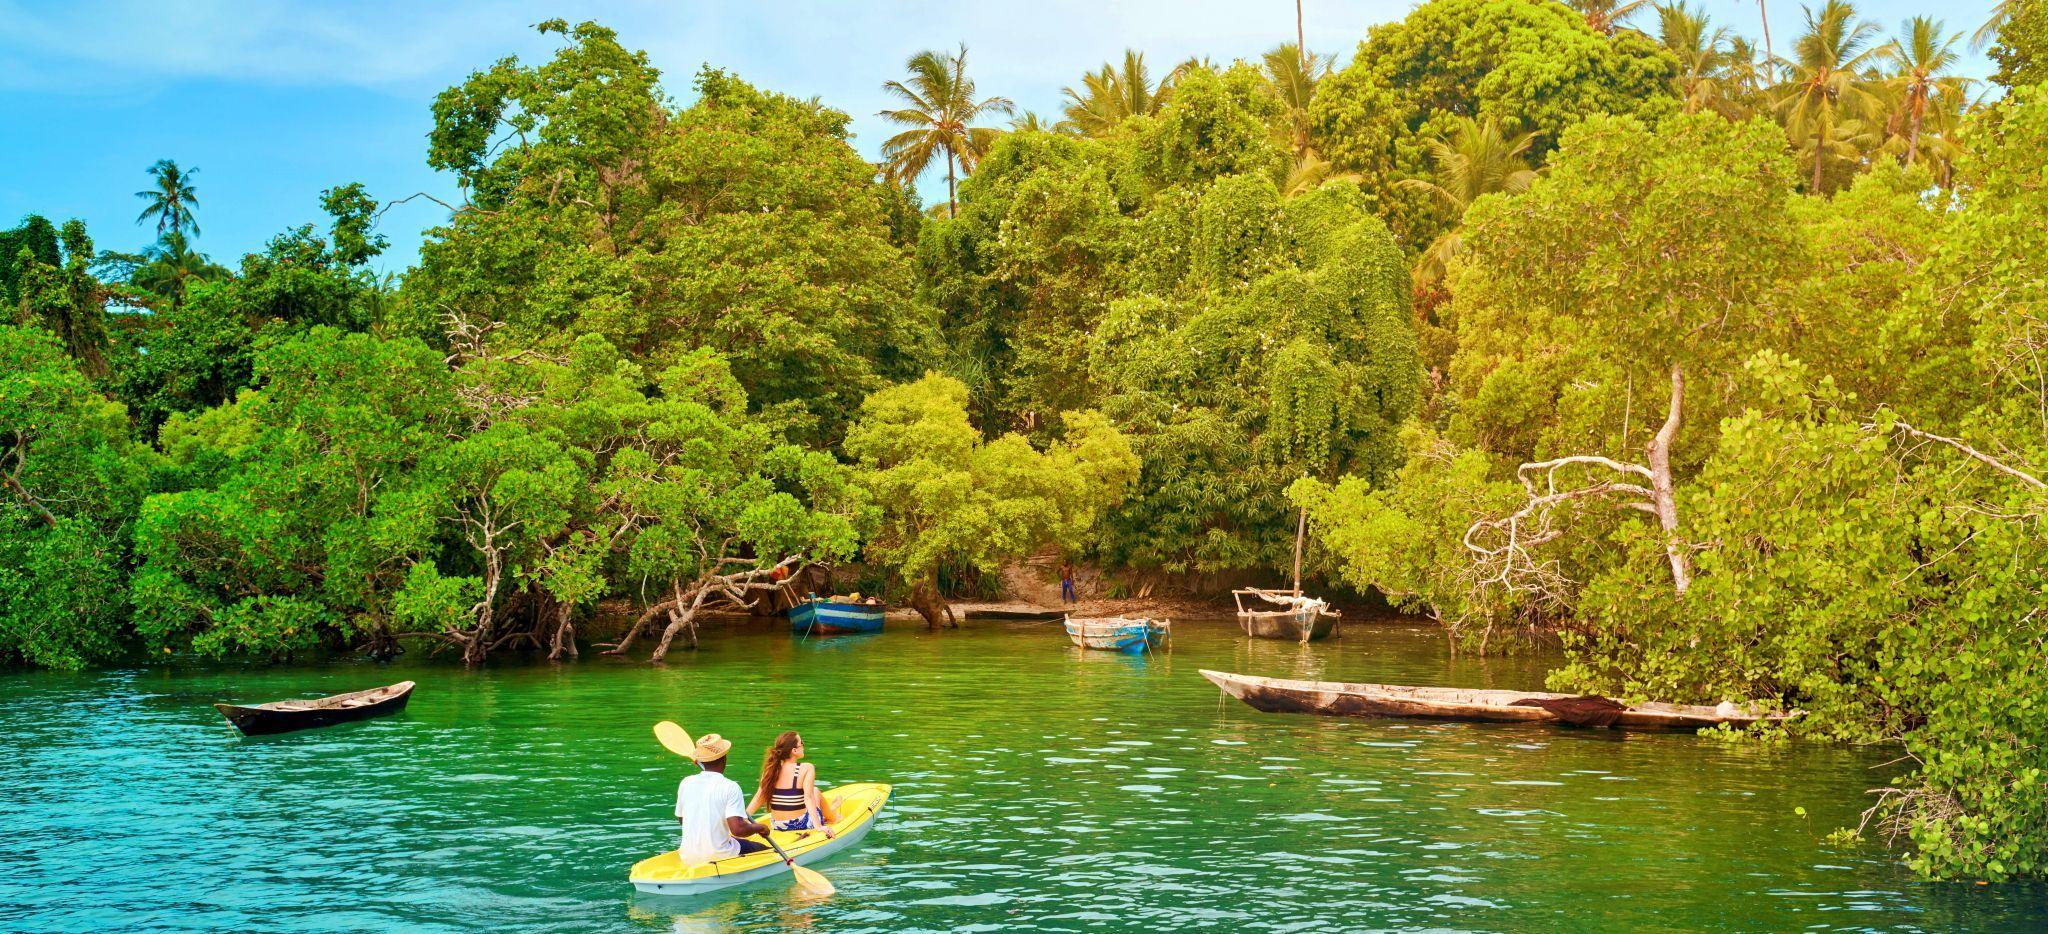 Paar in einem Kayak betrachtet einen wilden Mangrovenwald